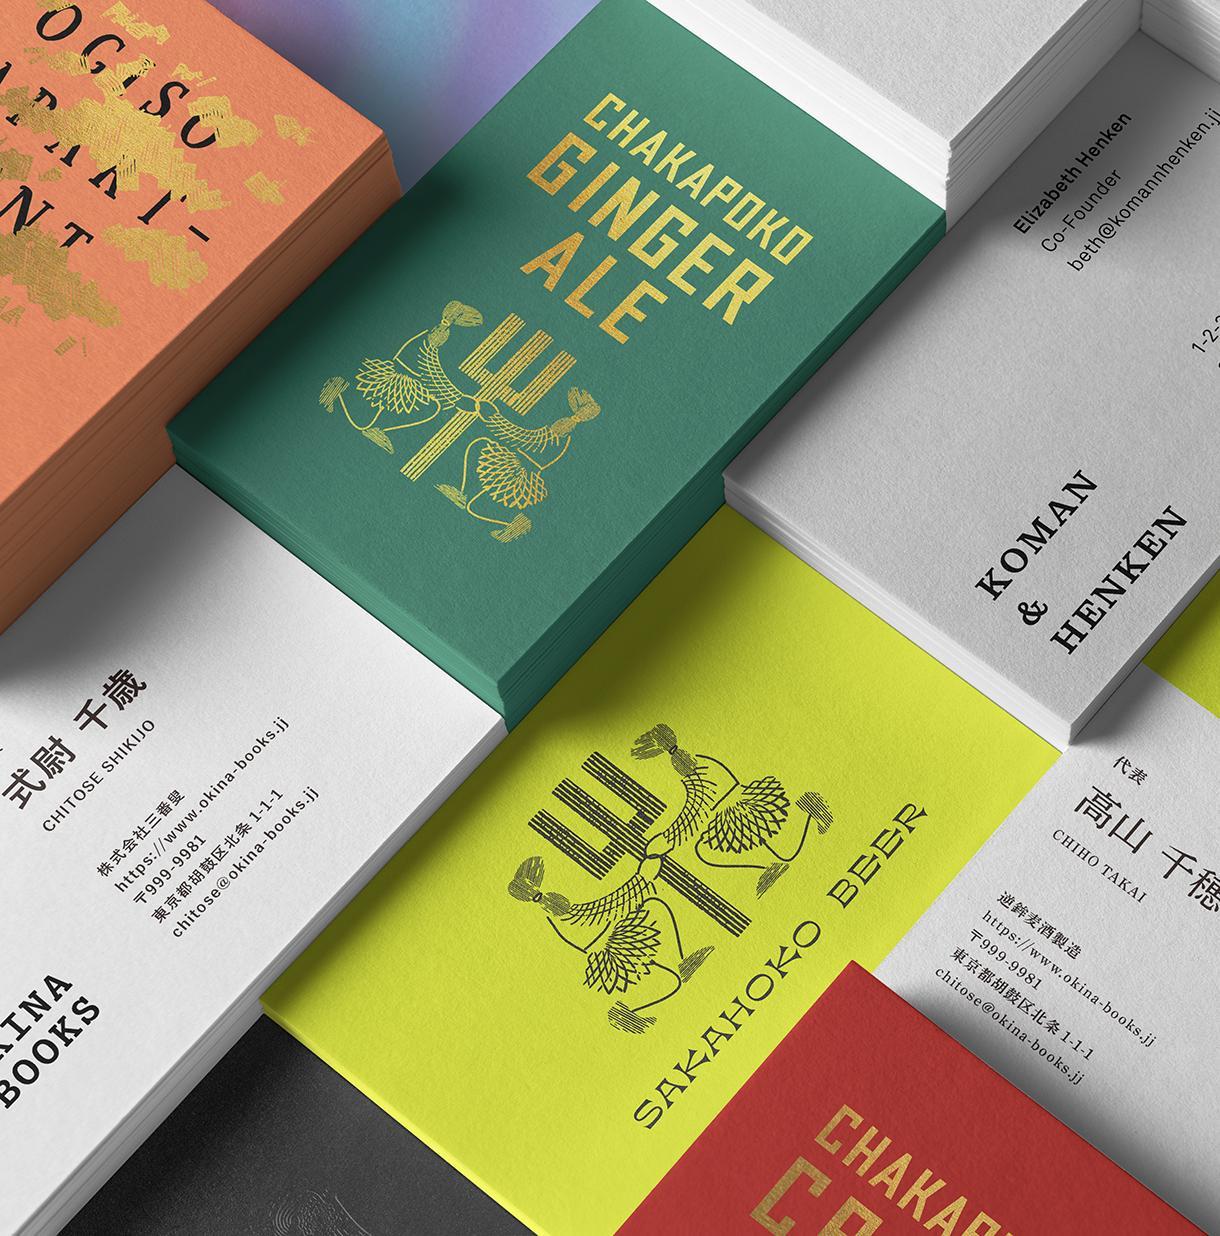 愛着を持てる名刺(ショップカード)をデザインします 紙ものデザイン15年。シンプルで好印象な名刺ならこちらです。 イメージ1